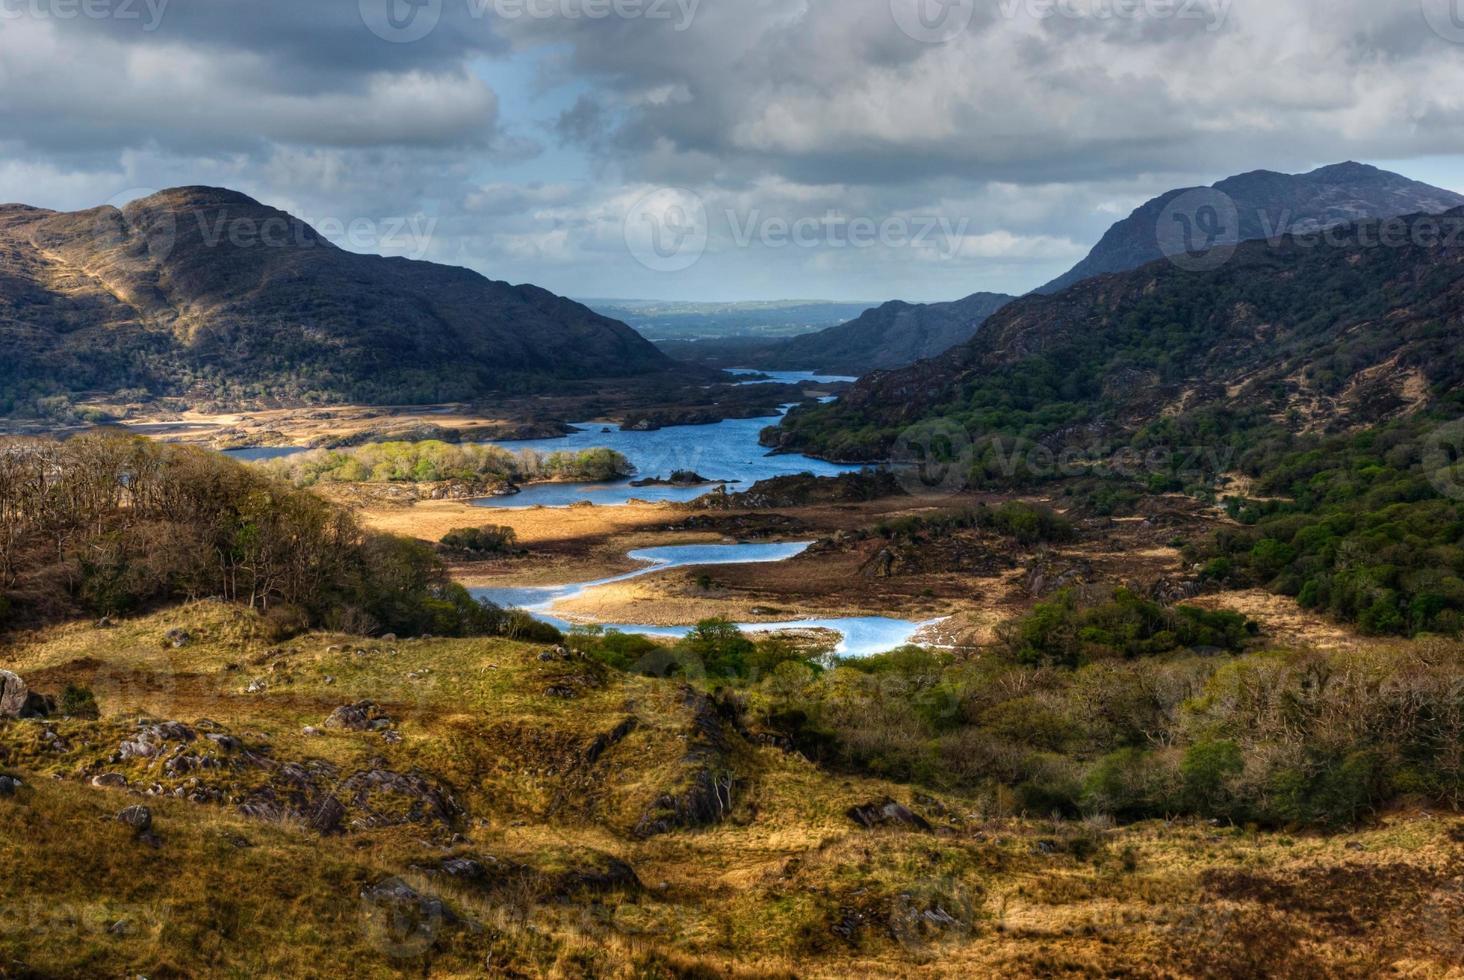 sjöar och berg i vildmarksområdet foto